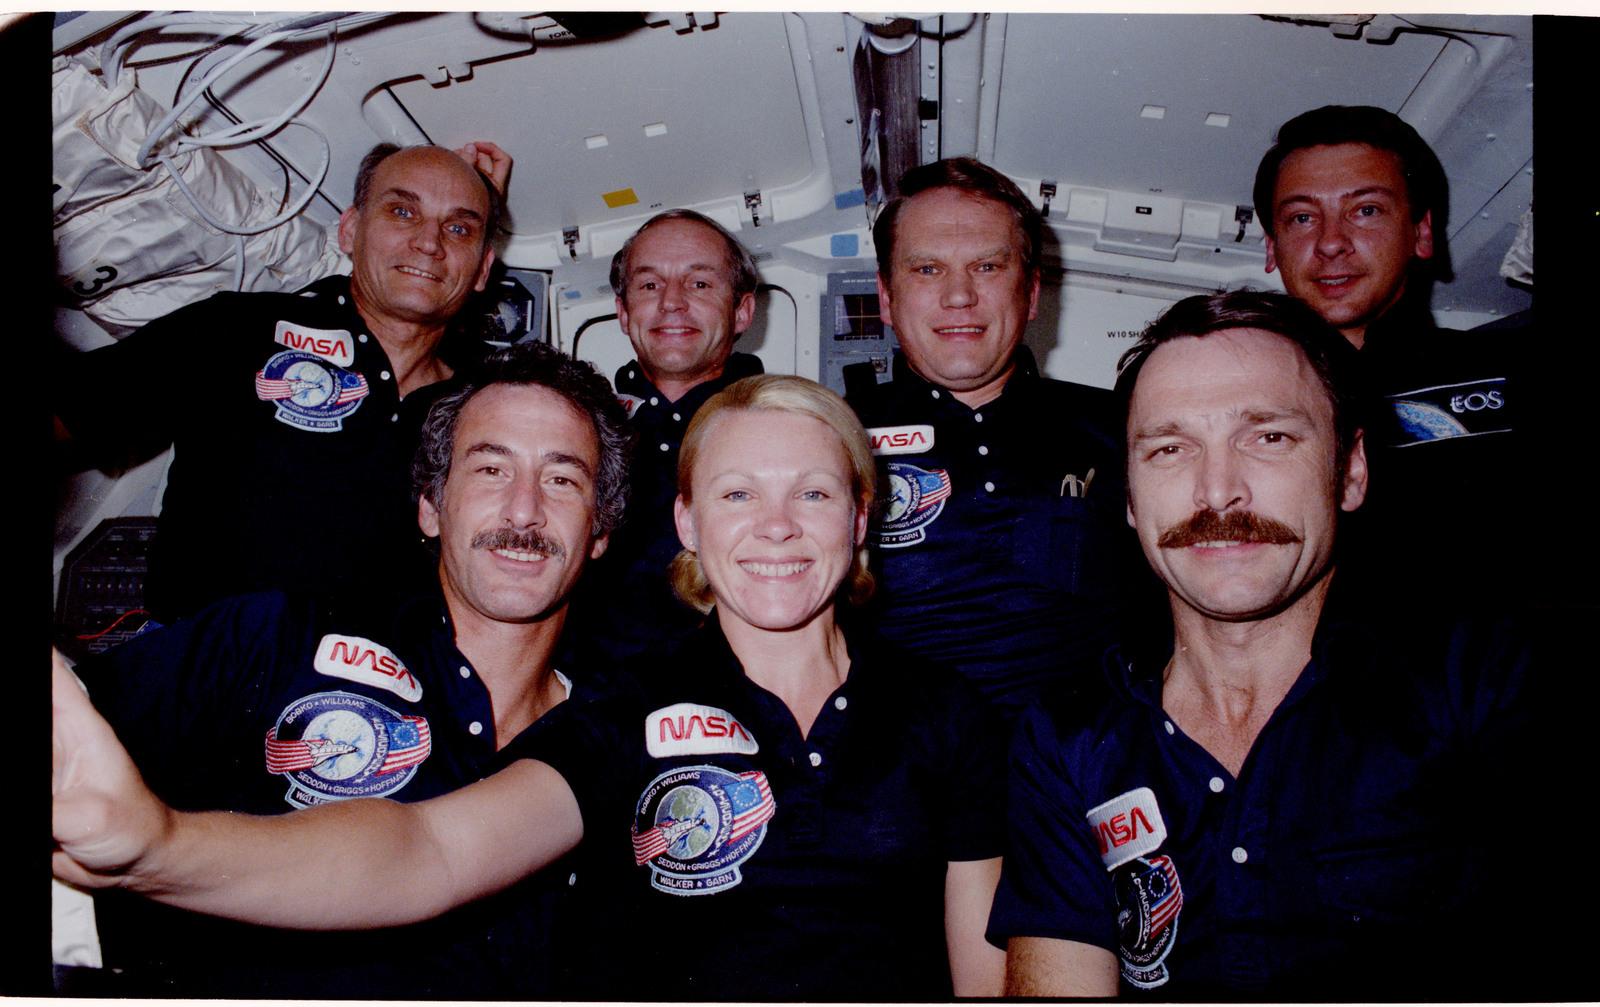 51D-21-008 - STS-51D - 51D cre...